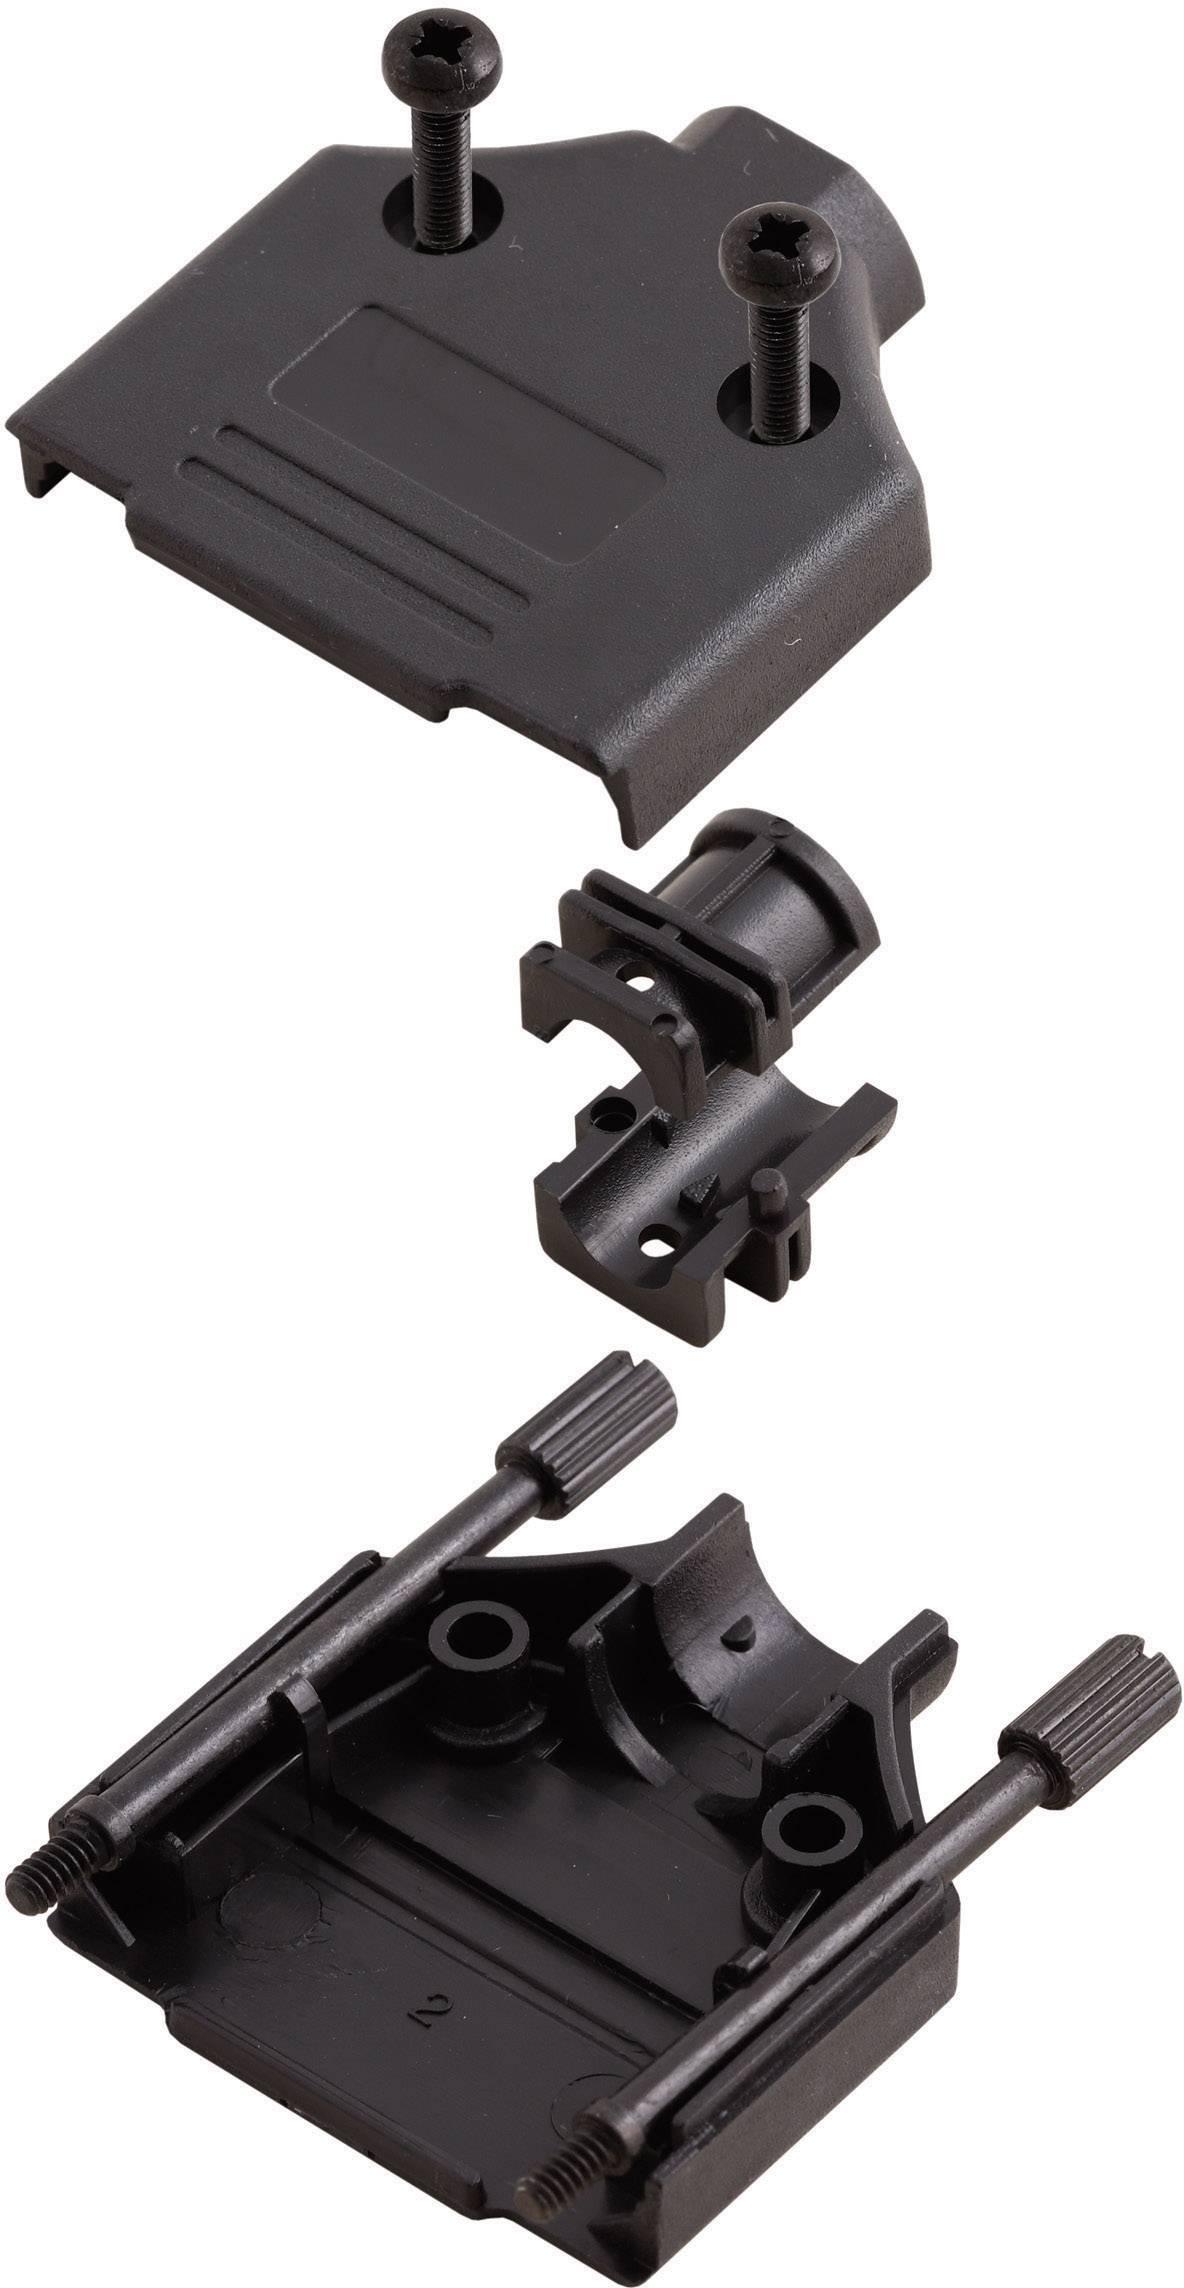 D-SUB pouzdro MH Connectors MHDTPPK-25-BK-K 6560-0108-03, Pólů: 25, plast, 180 °, černá, 1 ks